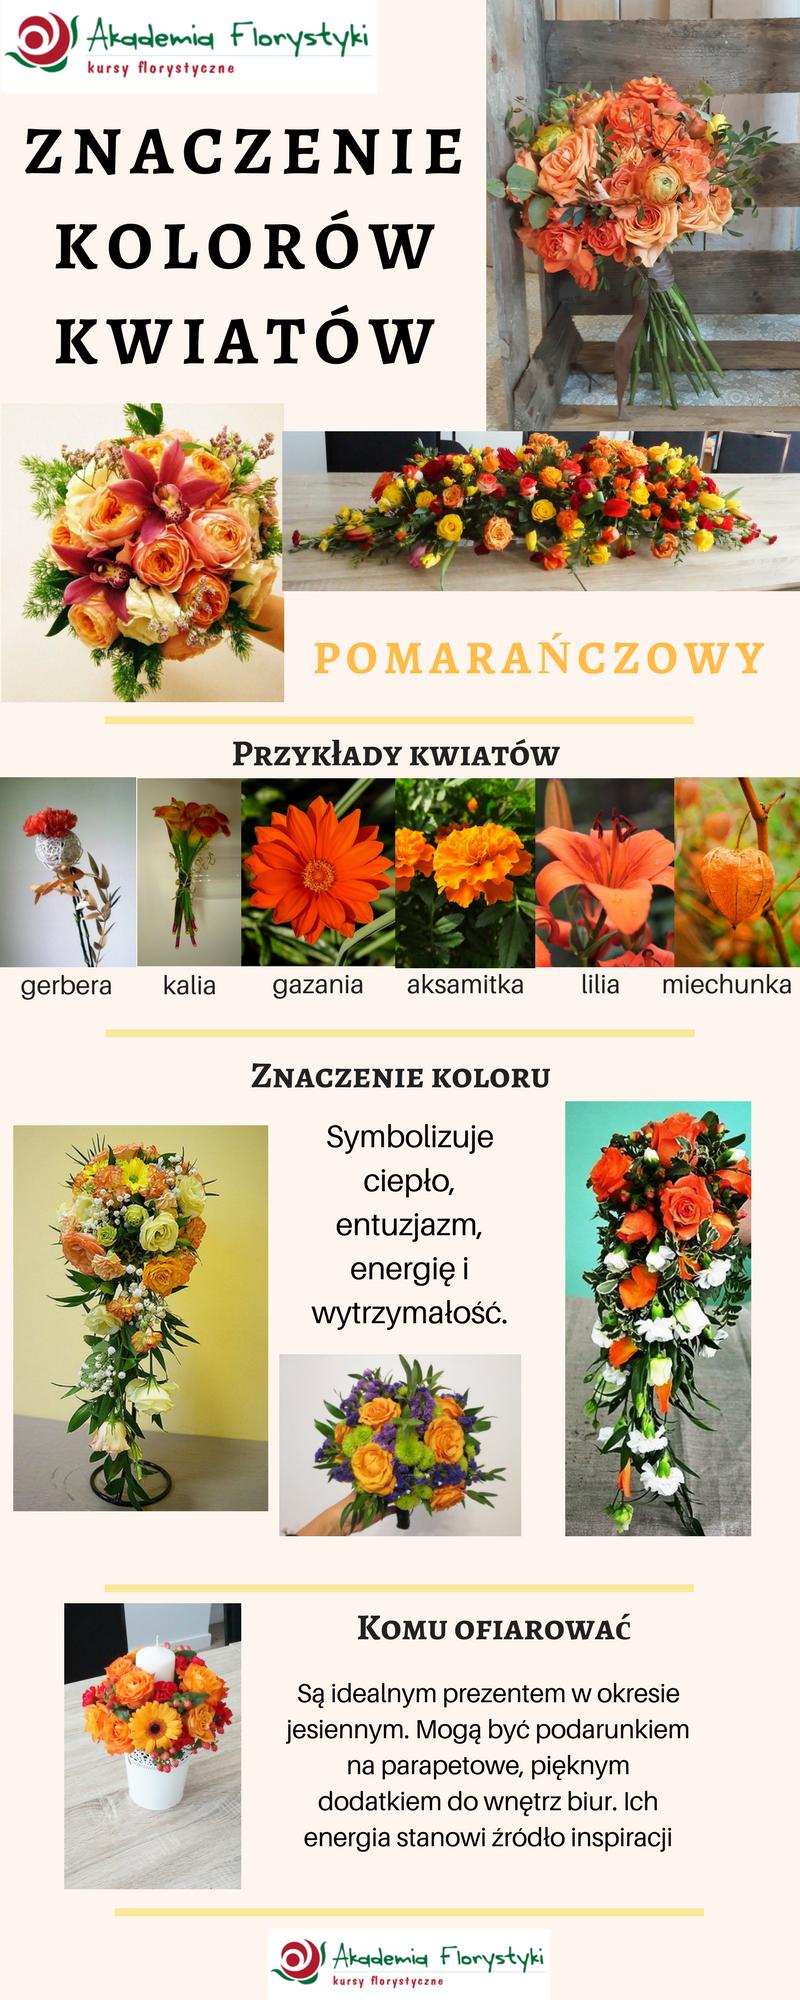 Znaczenie Kolorow Kwiatow